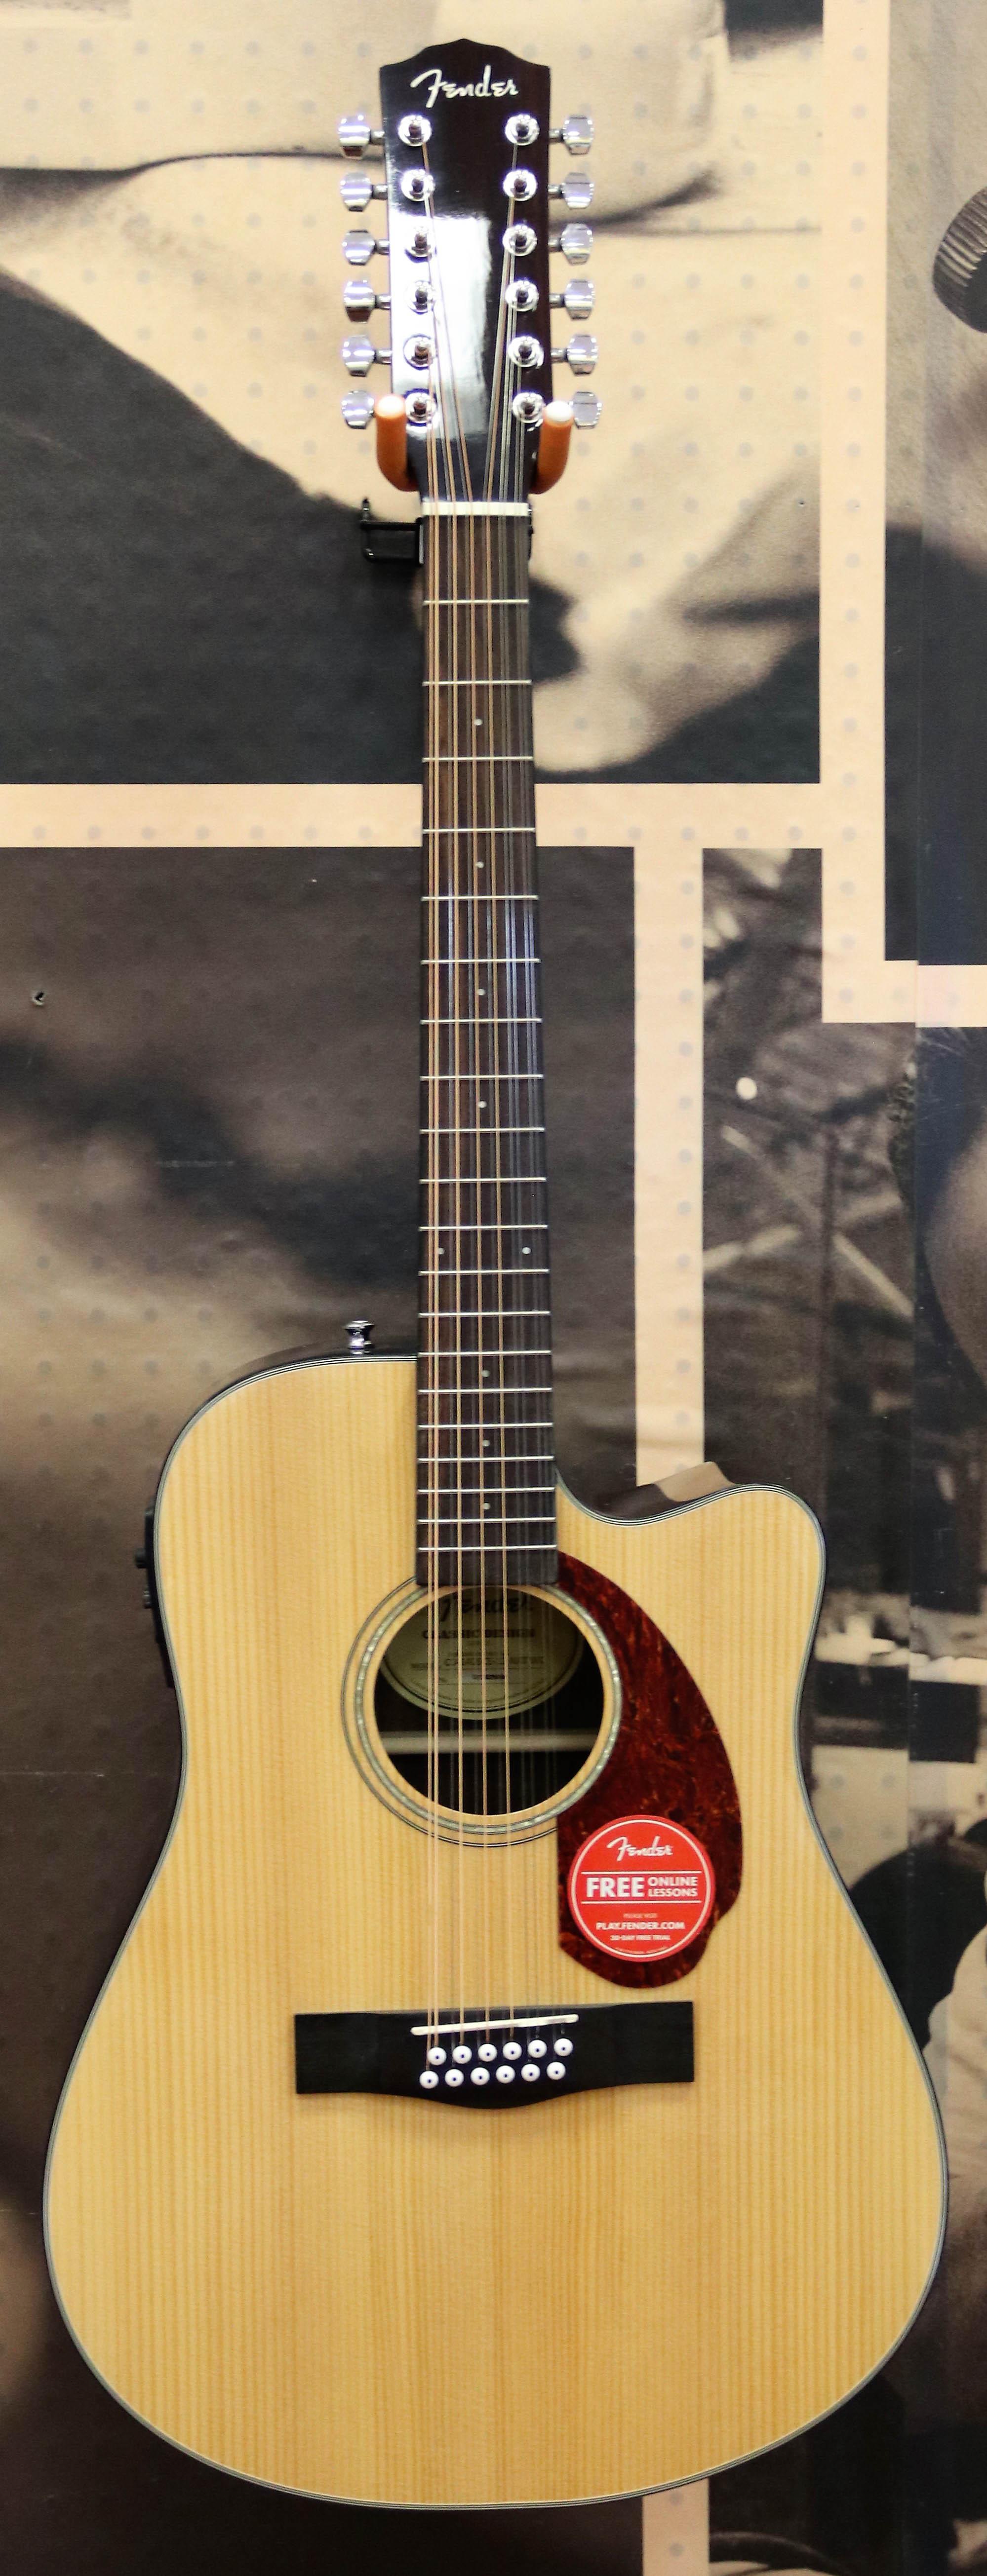 fender cd 140sce 12 dreadnought acoustic electric guitar 12 string natural ebay. Black Bedroom Furniture Sets. Home Design Ideas